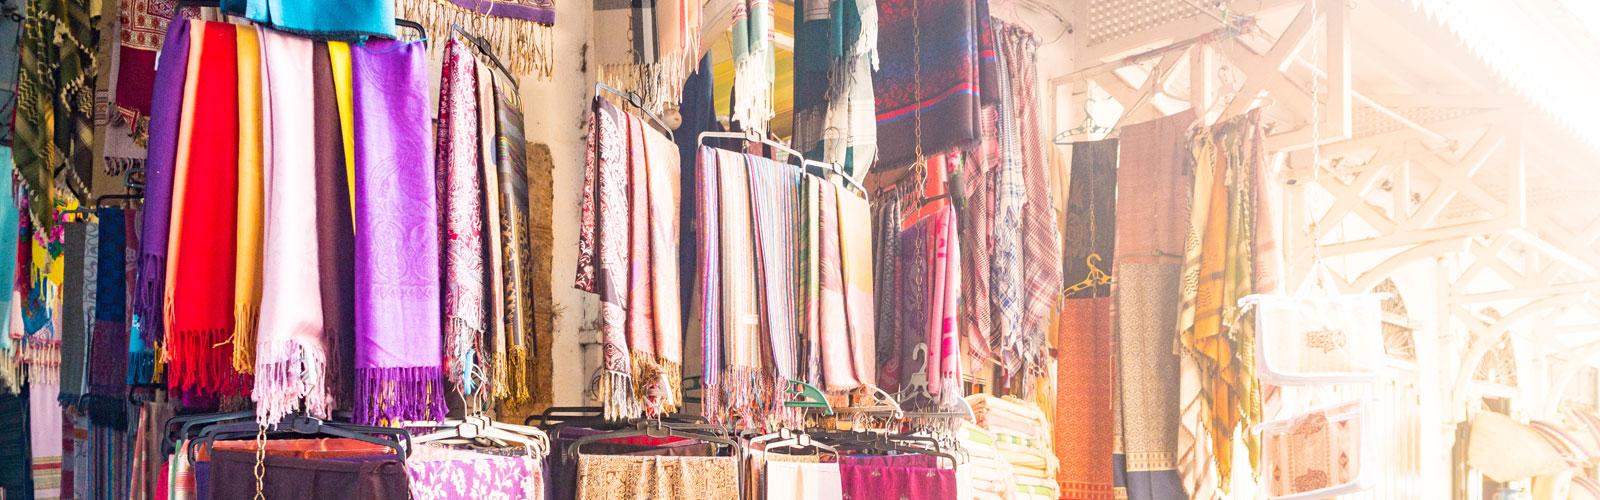 chennai-silks-banner